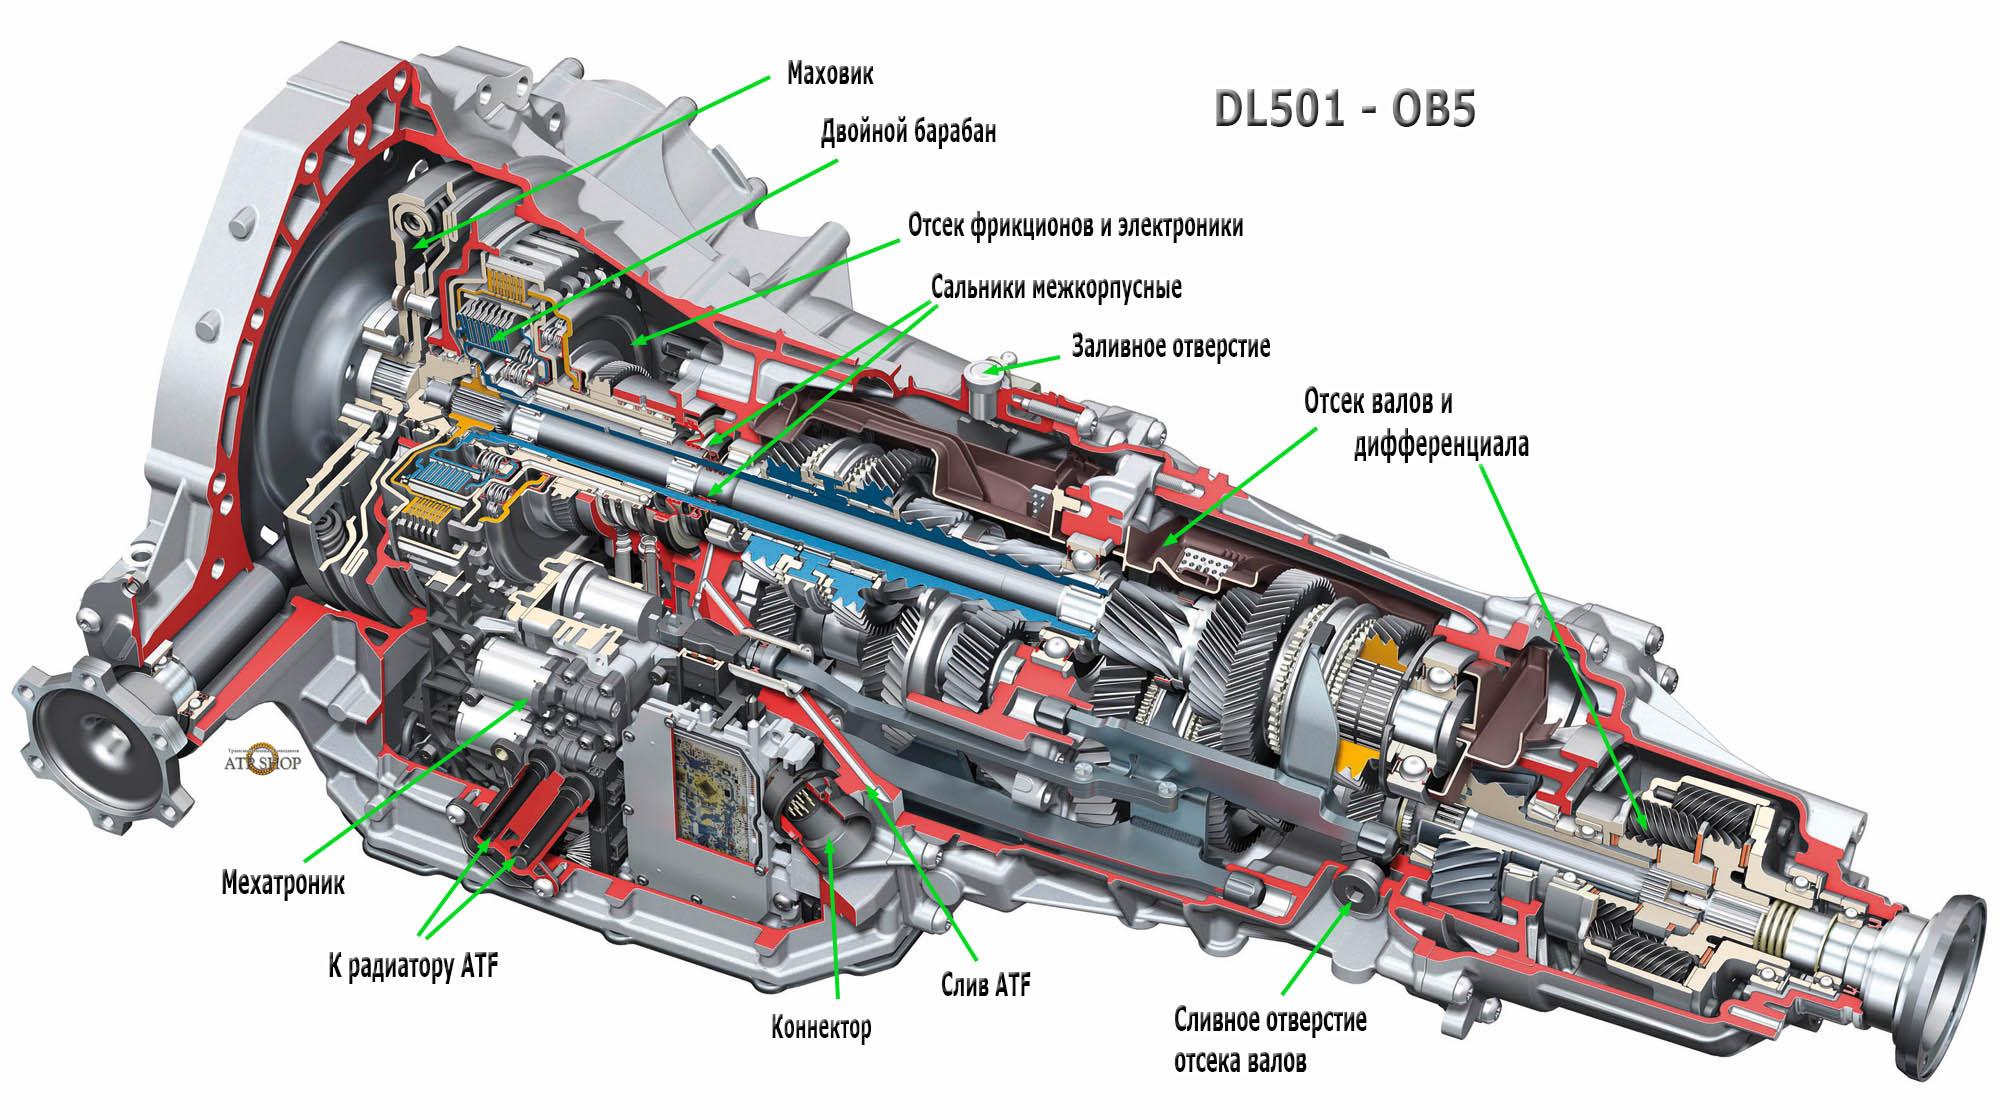 DL501 - OB5 в разрезе